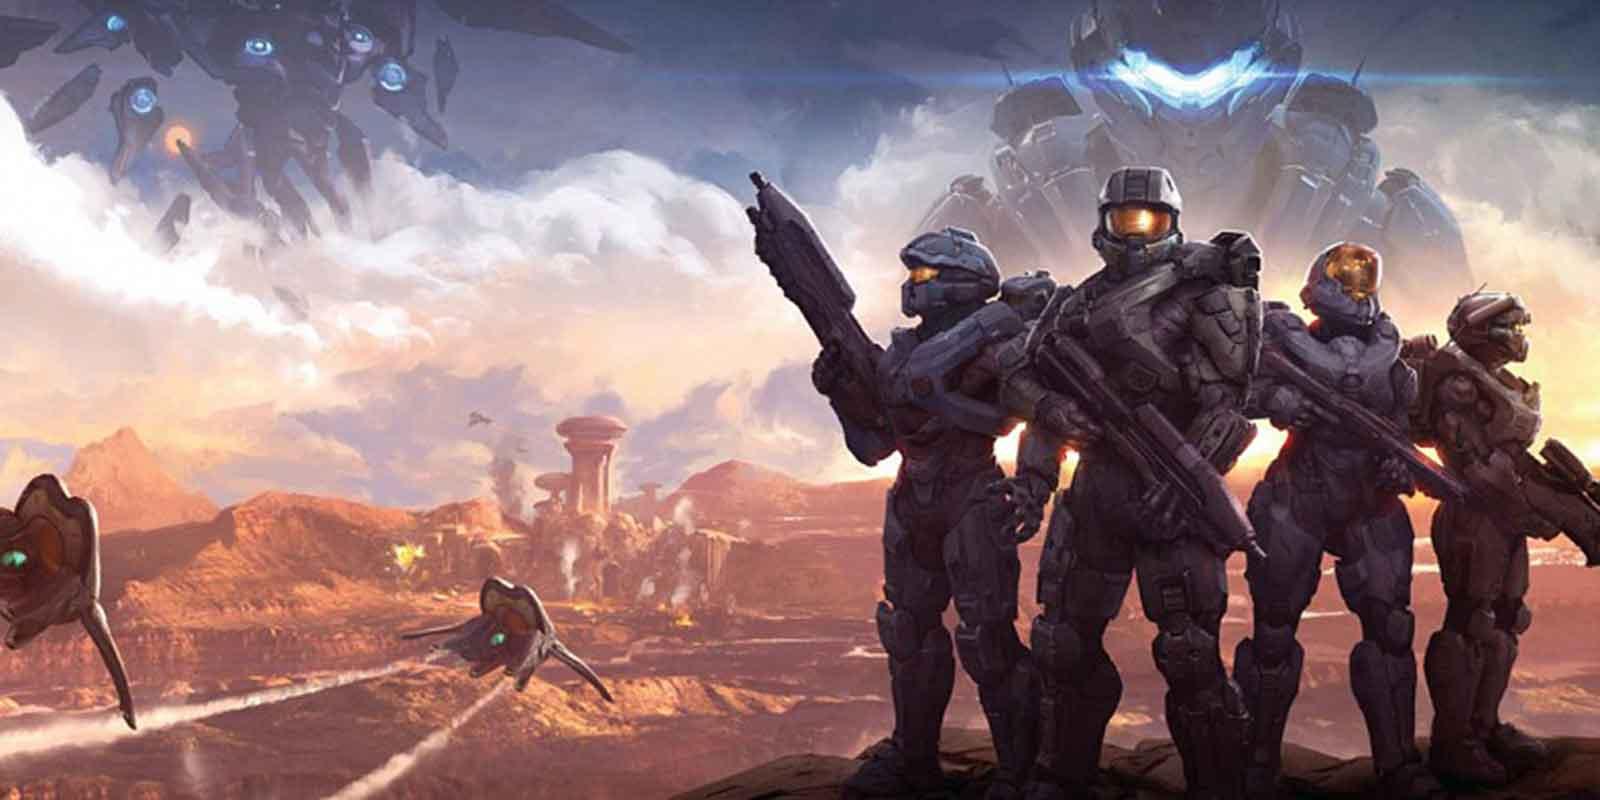 Bazitalk Halo 5 Guardians Details